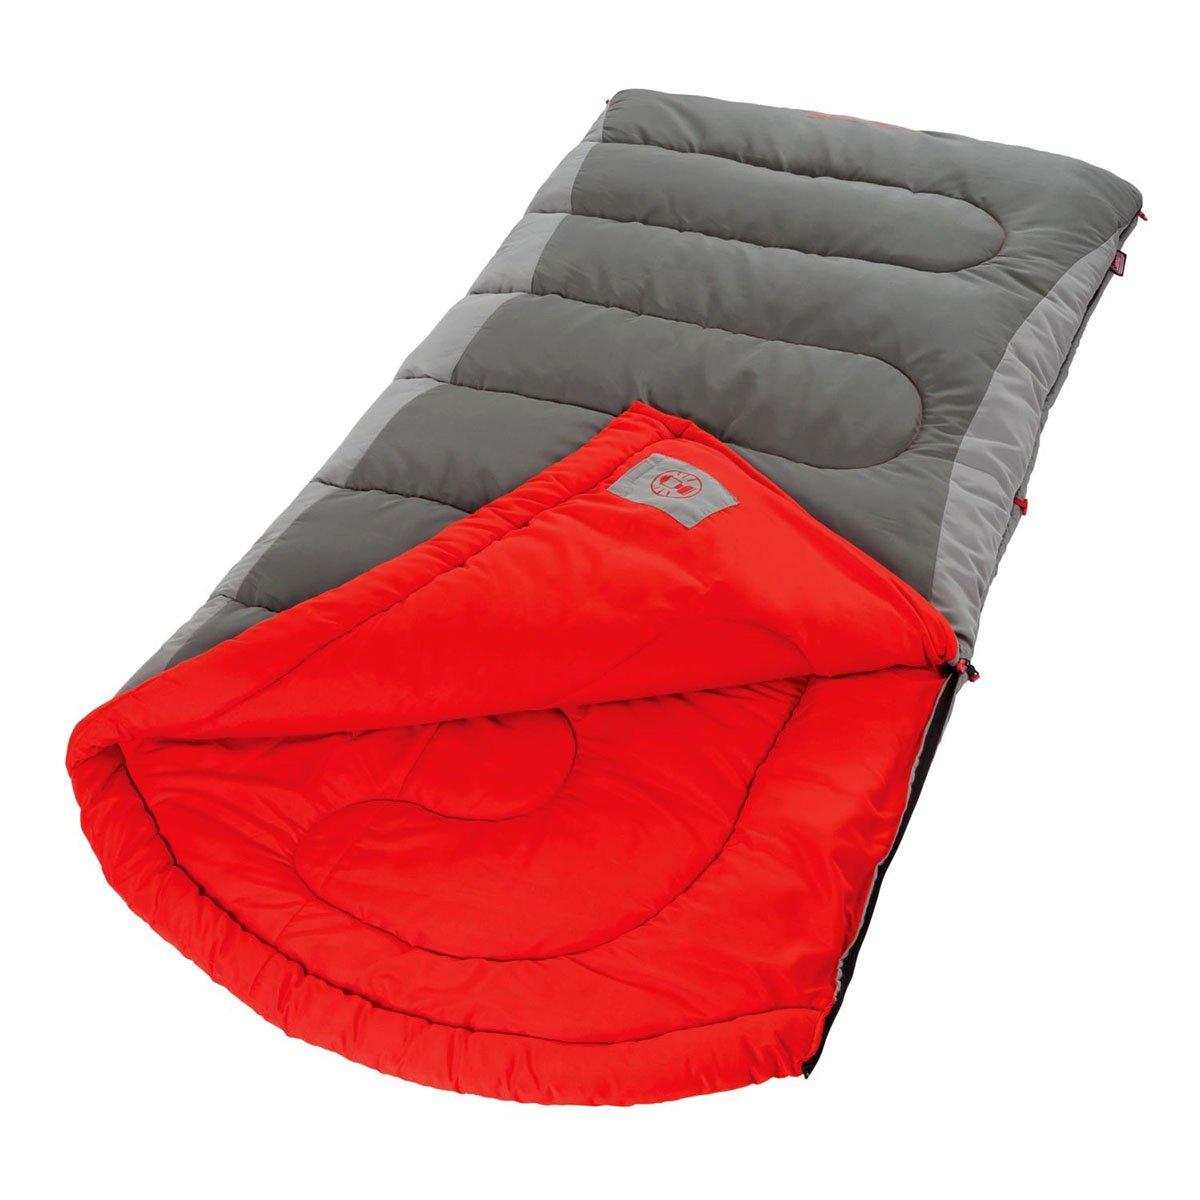 Coleman(コールマン) Dexter Point (デクスター ポイント ) 寝袋 日本未発売 最適温度 10 ℃ 196cmまで対応 [並行輸入品] B00S57JUMY